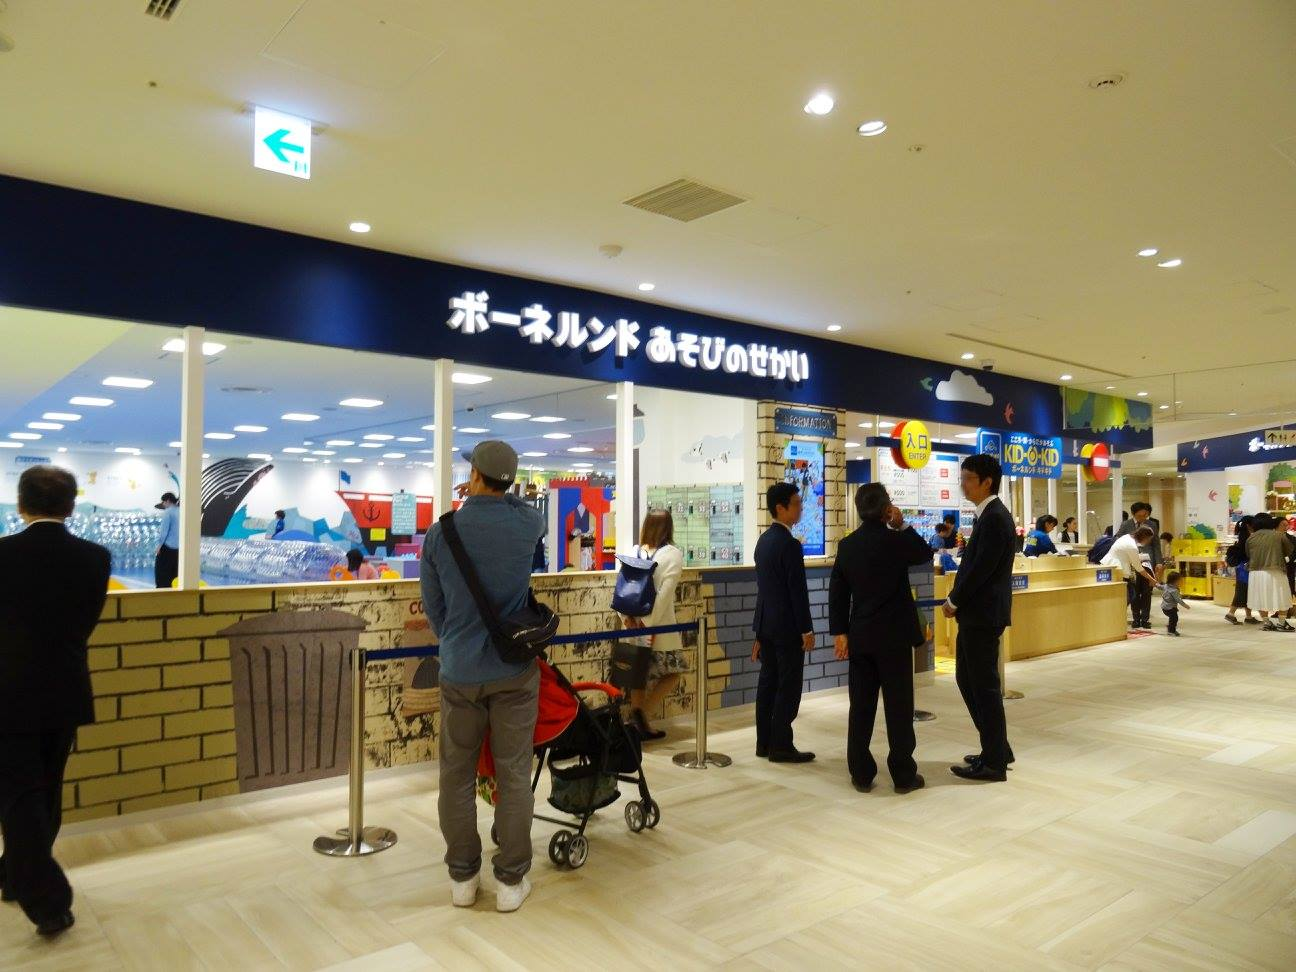 4月17日オープン!『タカシマヤ ゲートタワーモール』の見どころをご紹介! - takashimaya11